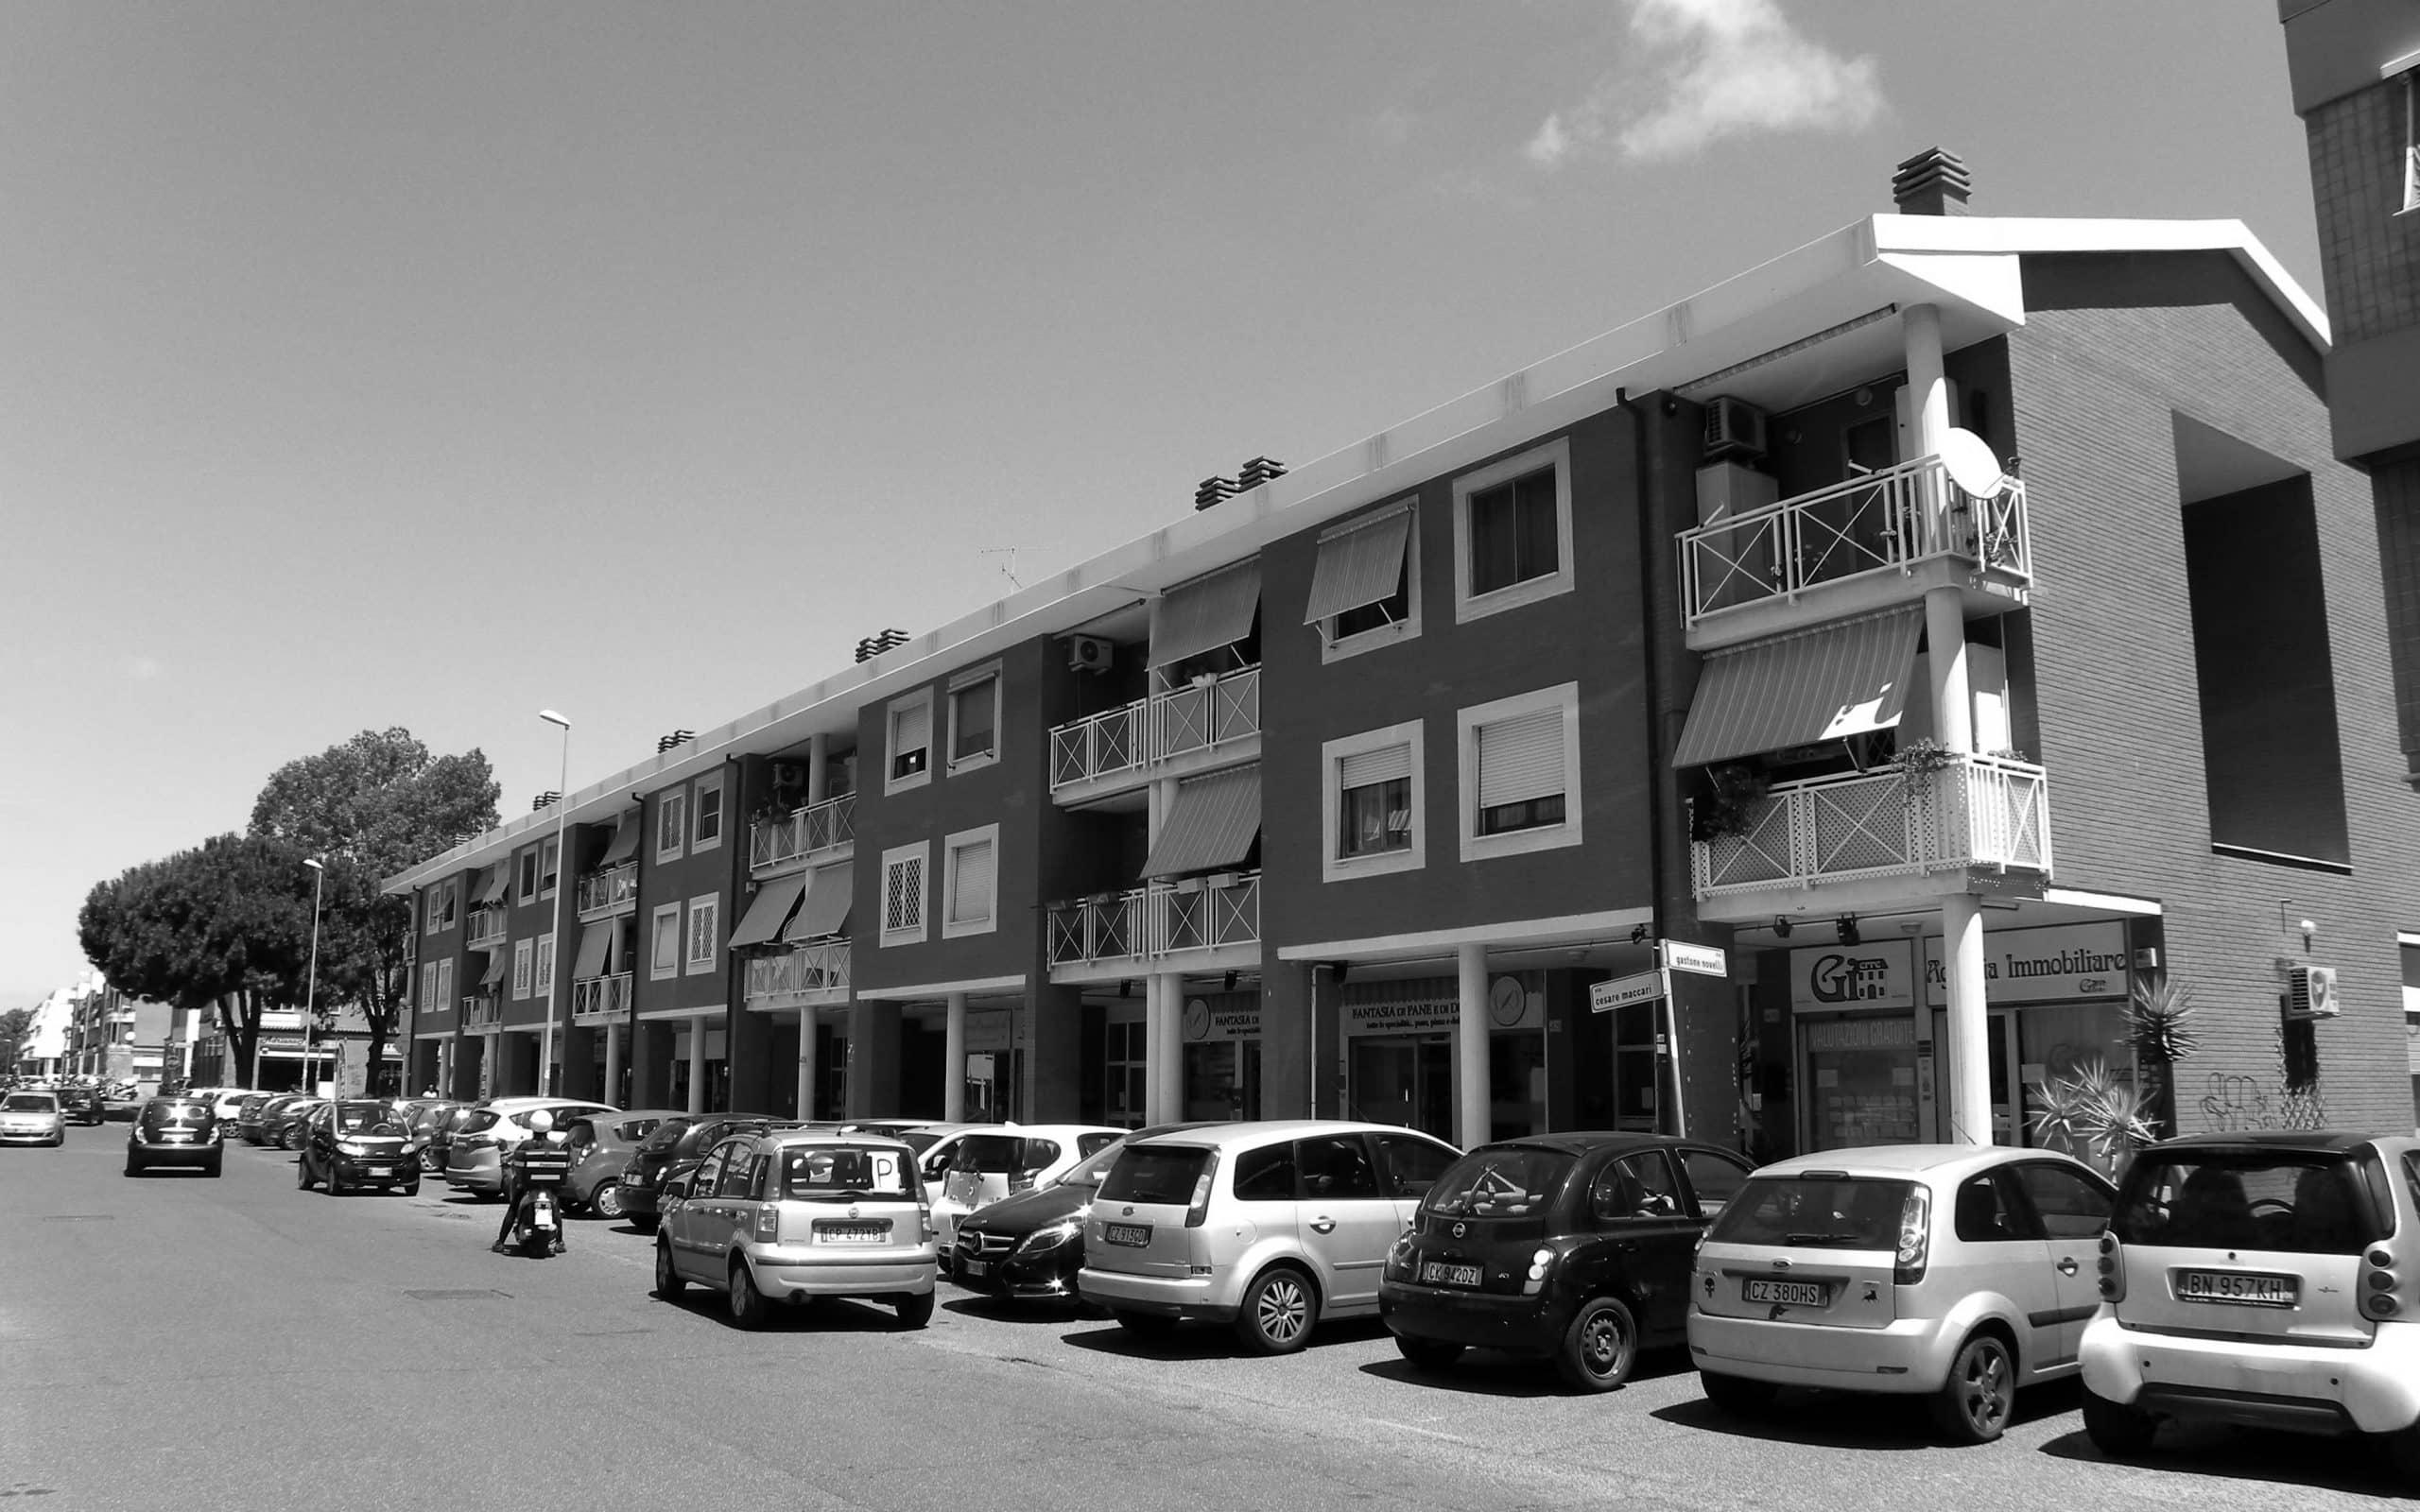 19 - Complesso residenziale per 73 alloggi nel PdZ Madonnette, Acilia (RM); con R. De Vito - Vista esterna delle case a schiera e dell'edificio in linea